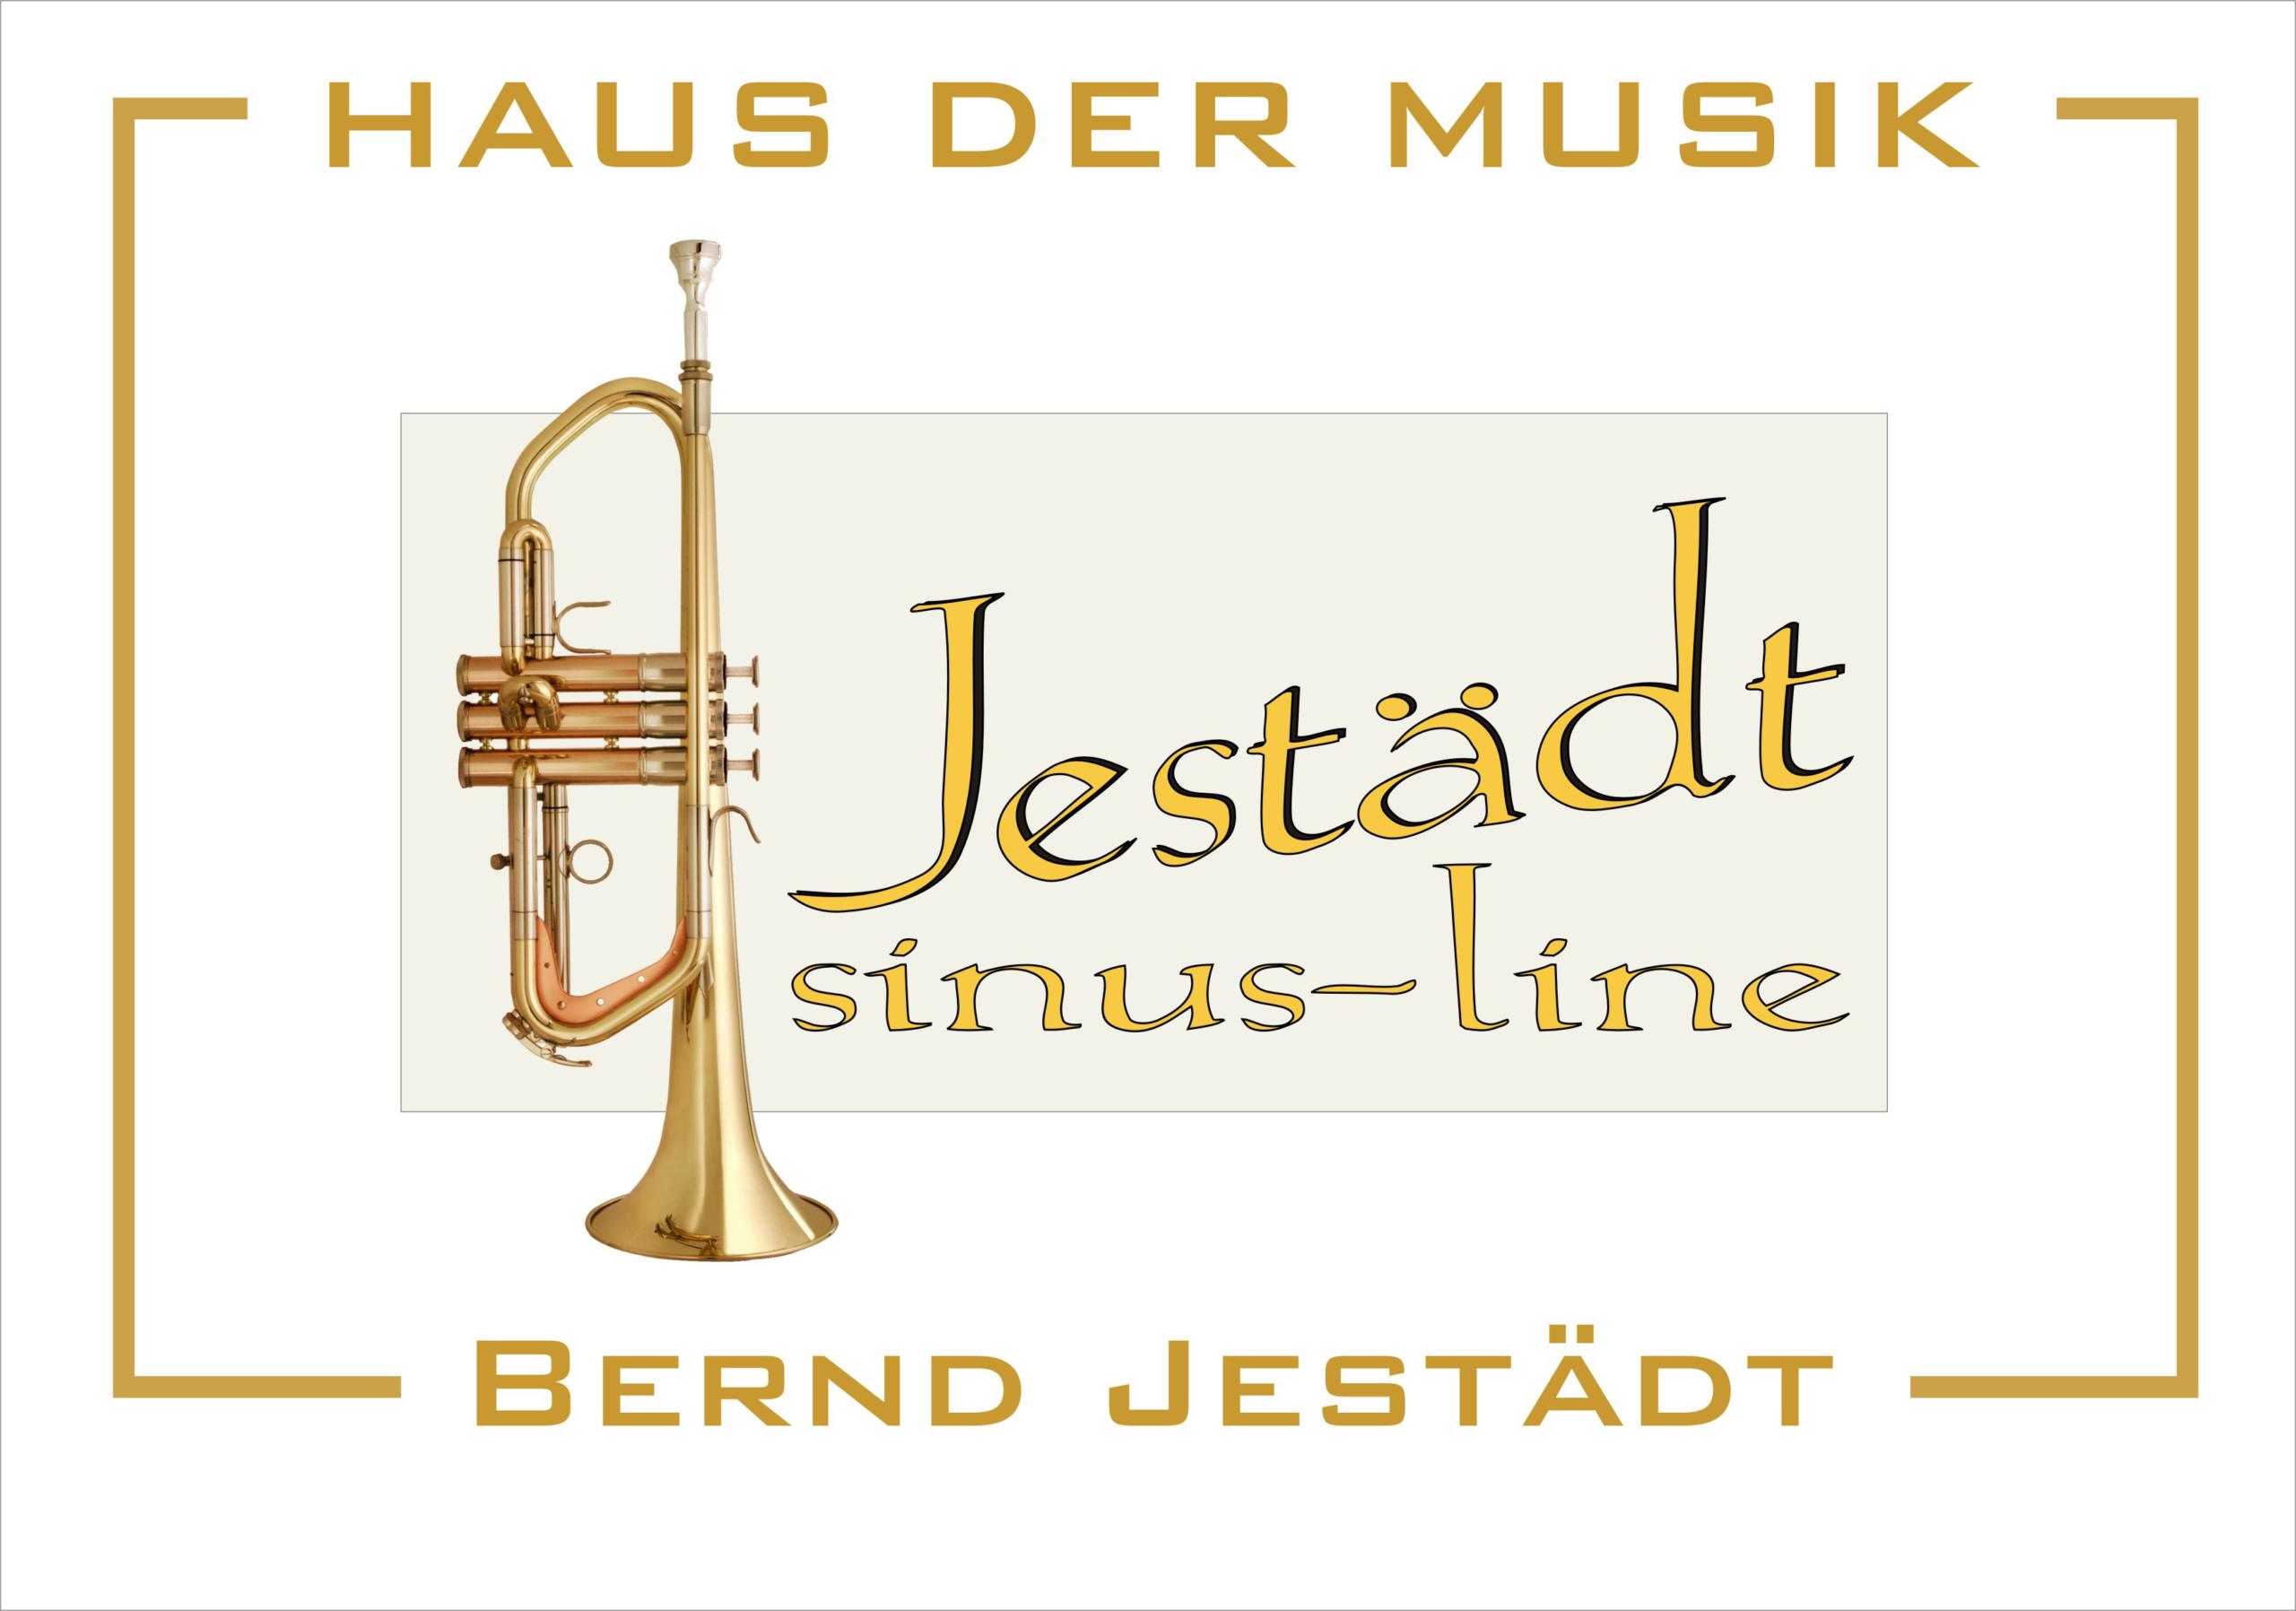 Bernd Jestädt